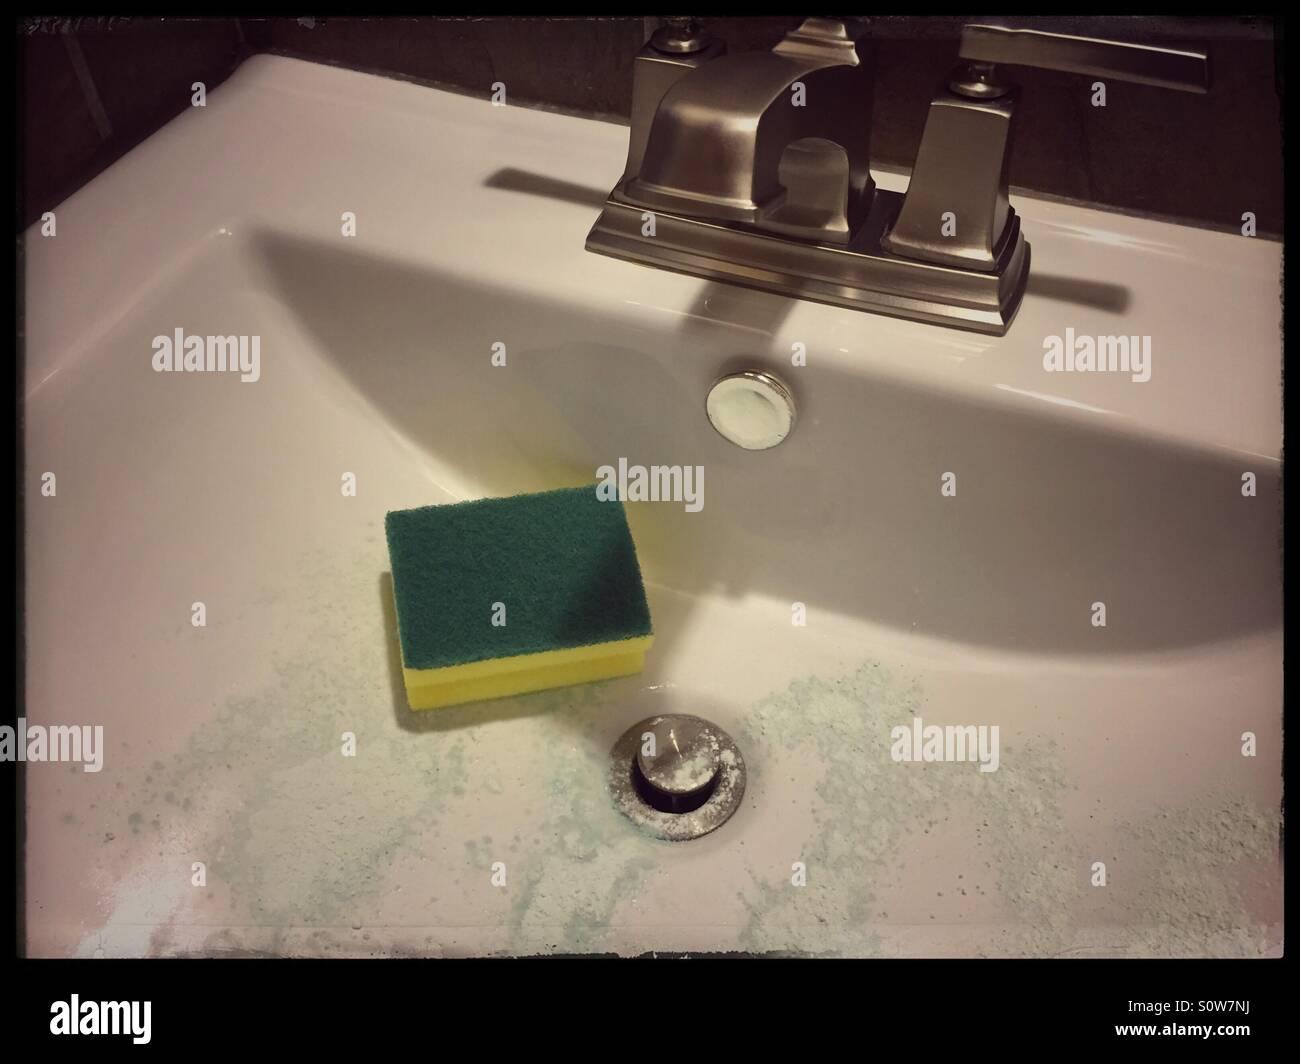 Keramik Waschbecken Küche Putzen | Keramikspüle Reinigen Das Müssen ...